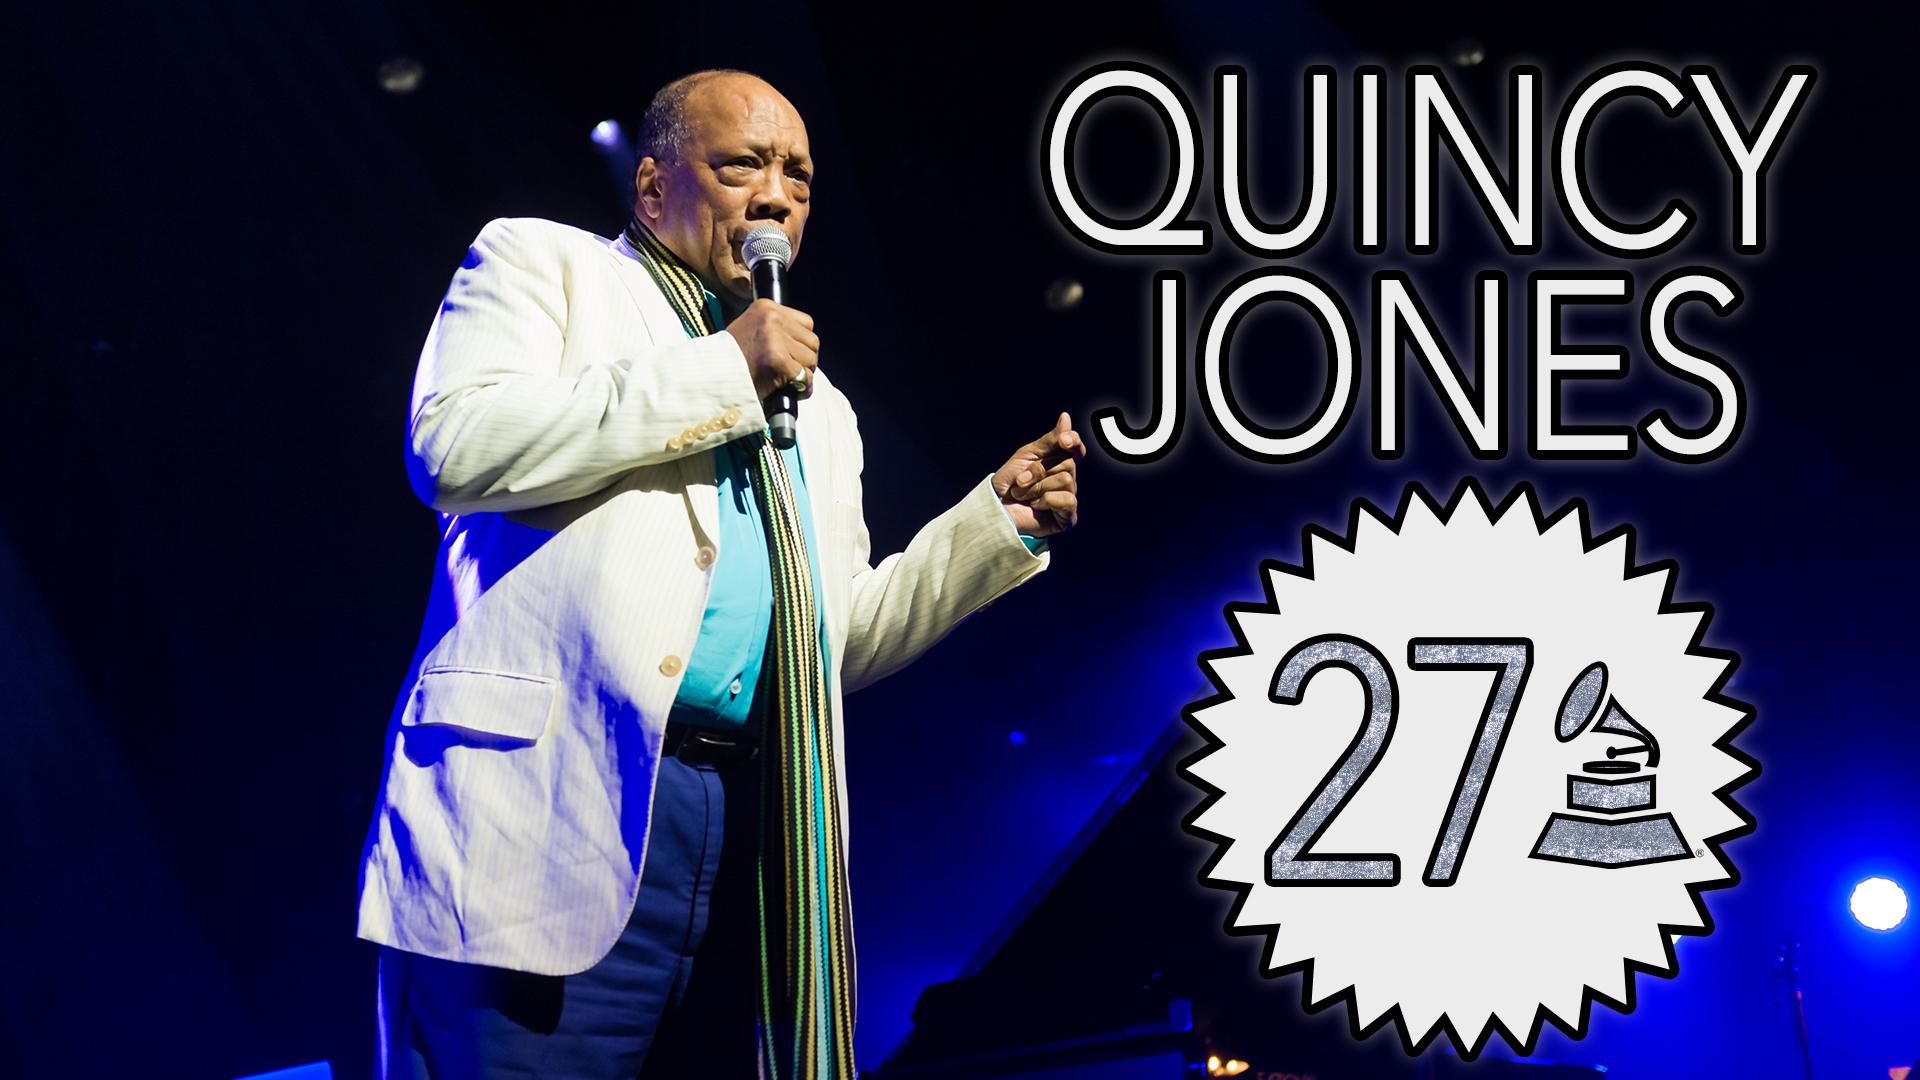 Quincy Jones with 27 GRAMMY Awards